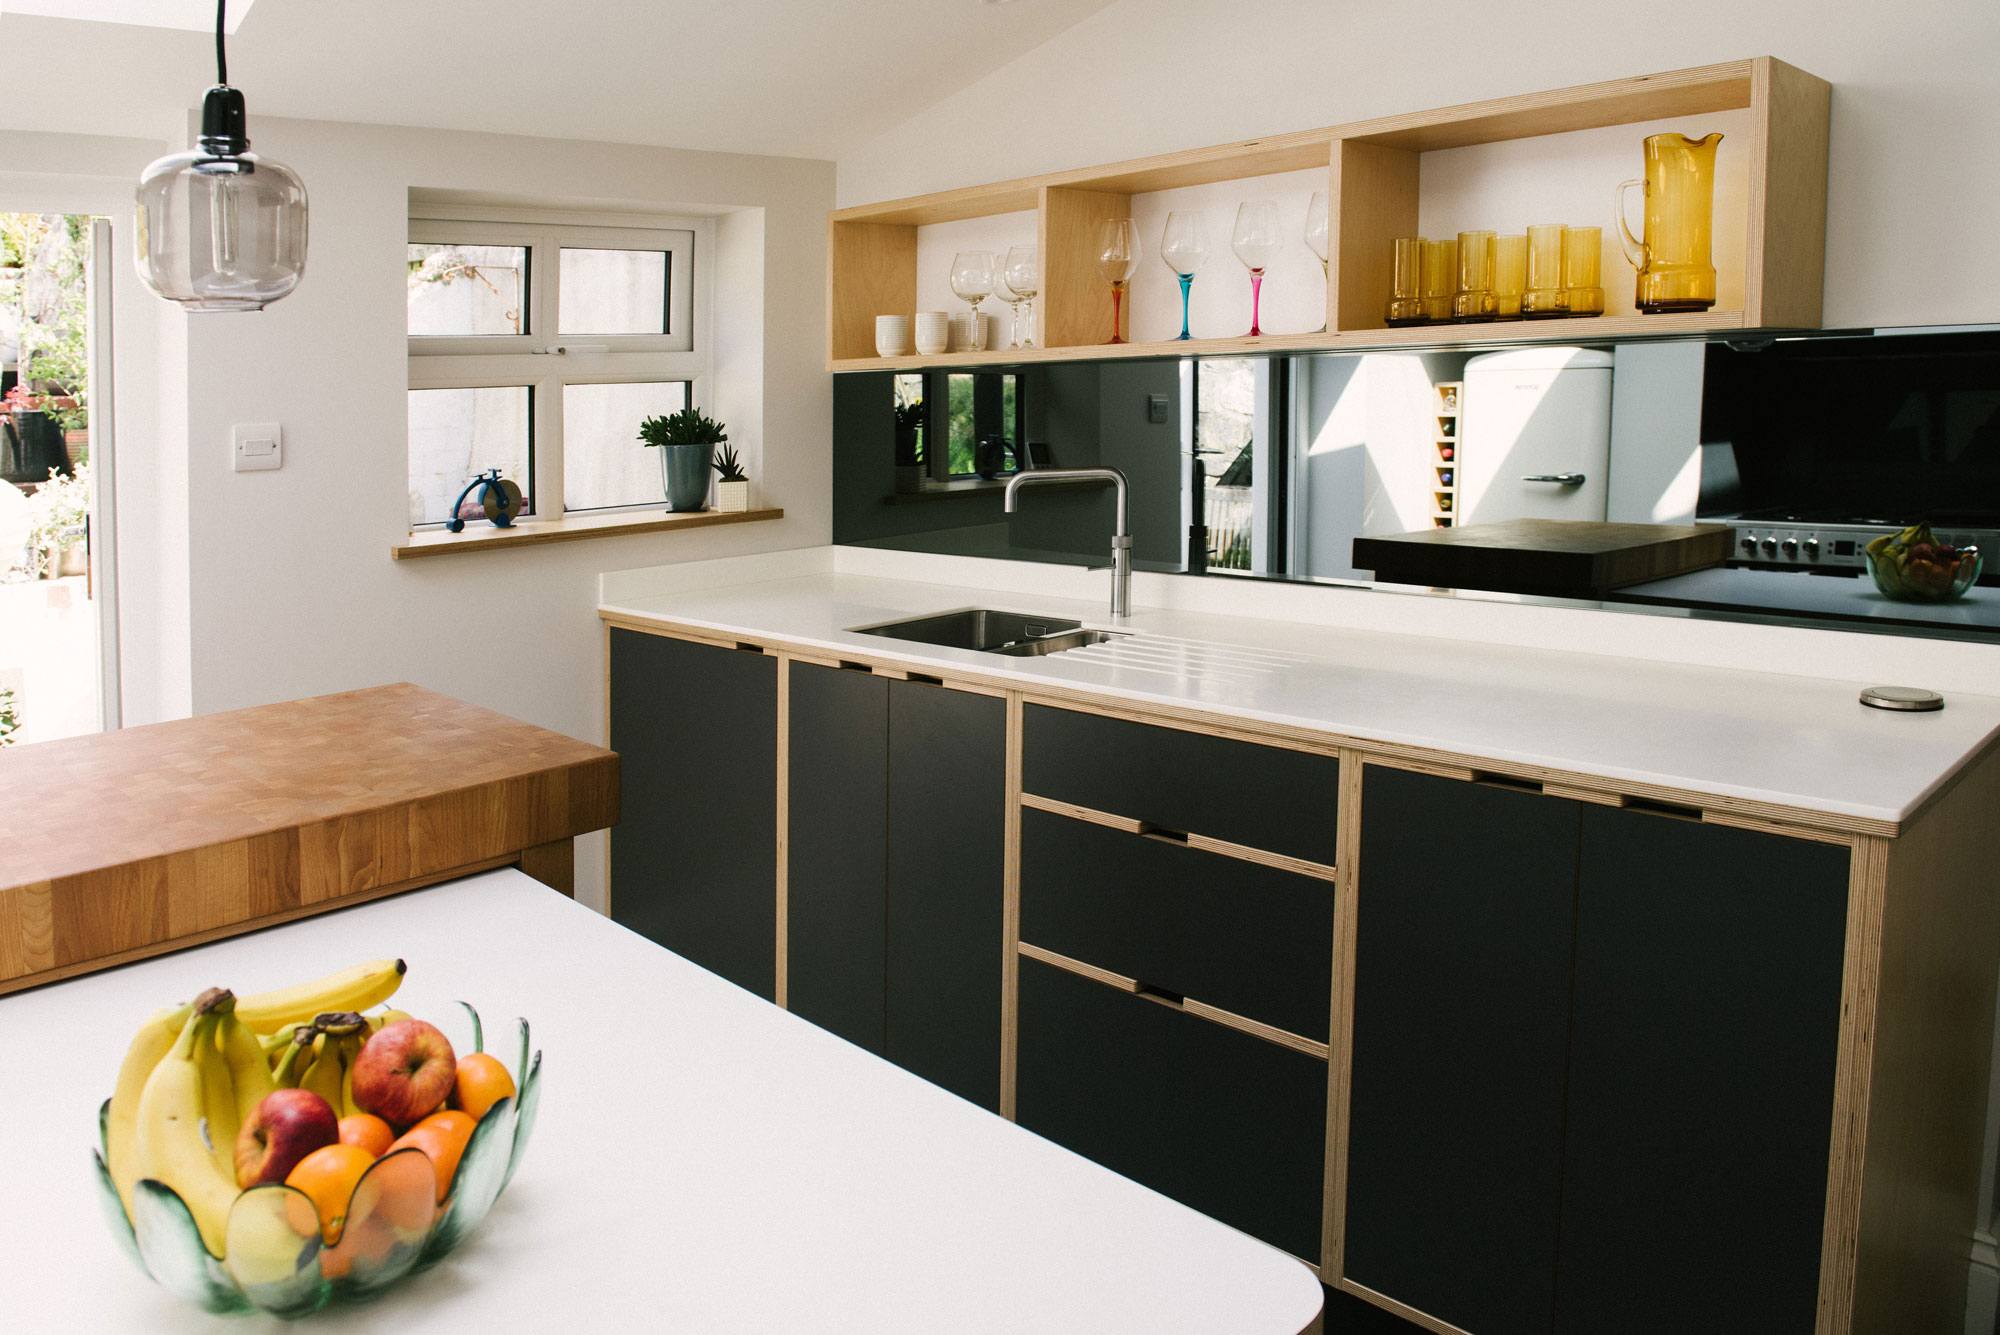 Monochrome plywood kitchen